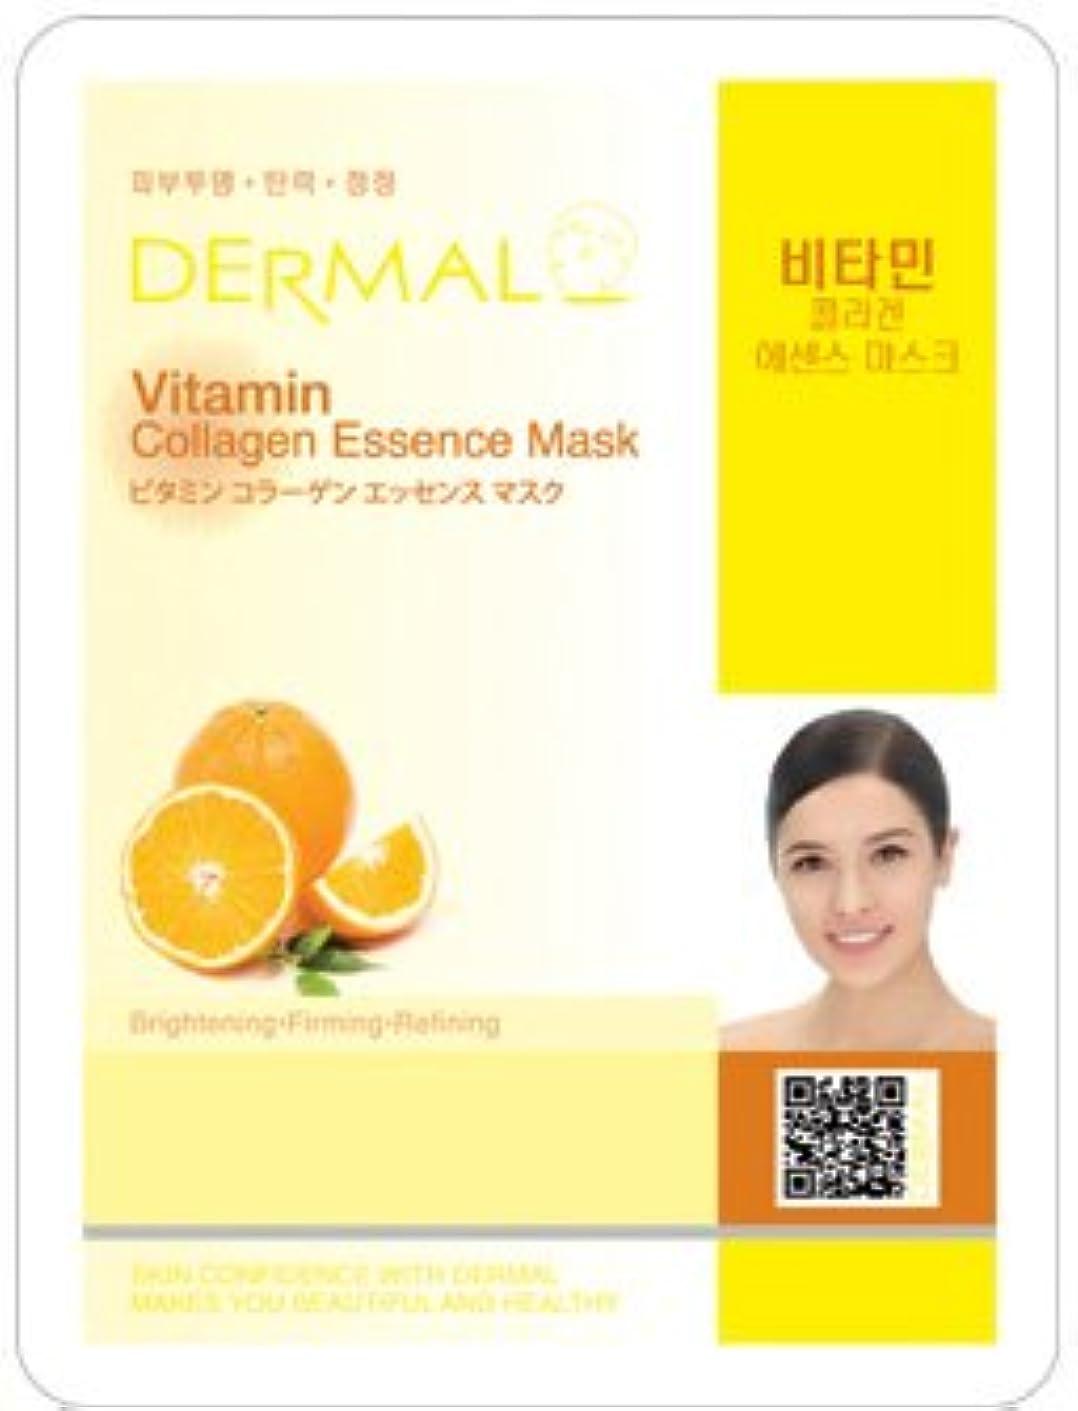 レーザ真向こう食用シートマスク ビタミン 100枚セット ダーマル(Dermal) フェイス パック